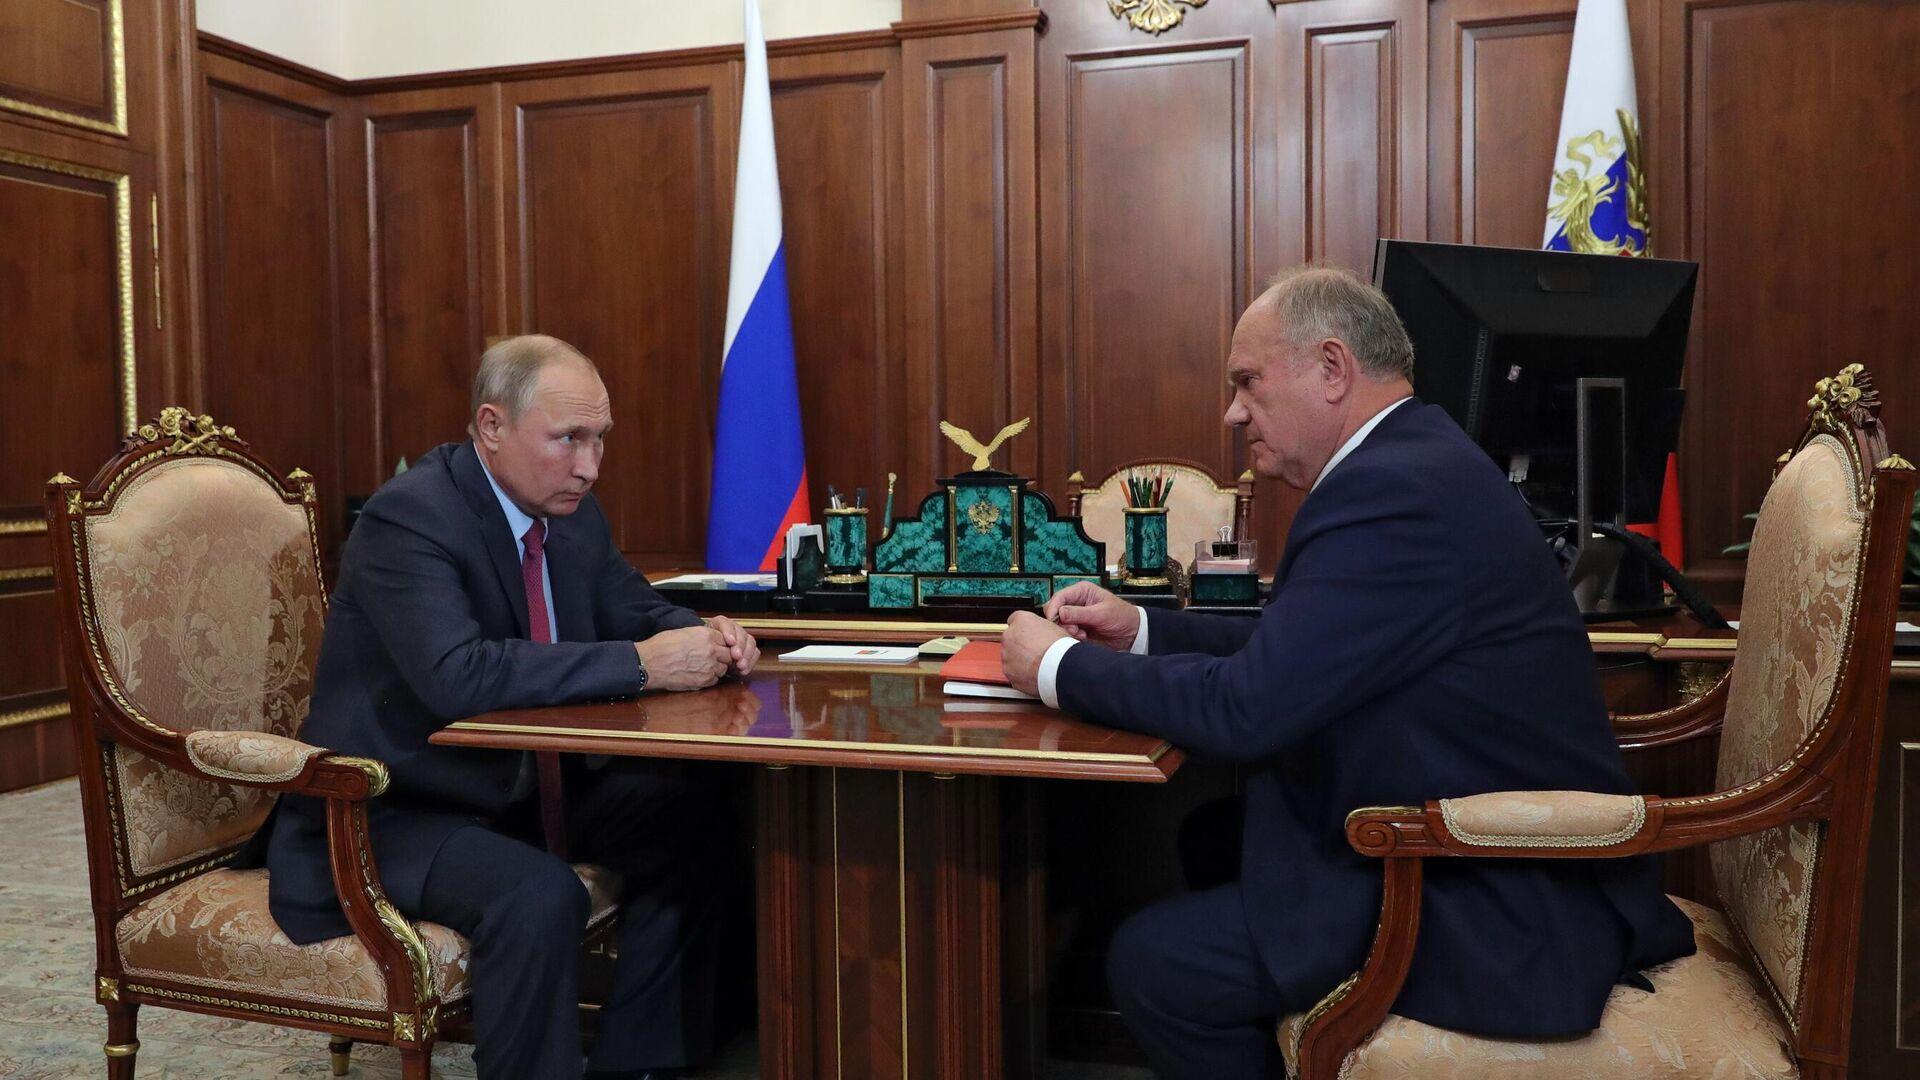 КПРФ выдвинула Новикова на пост спикера Госдумы